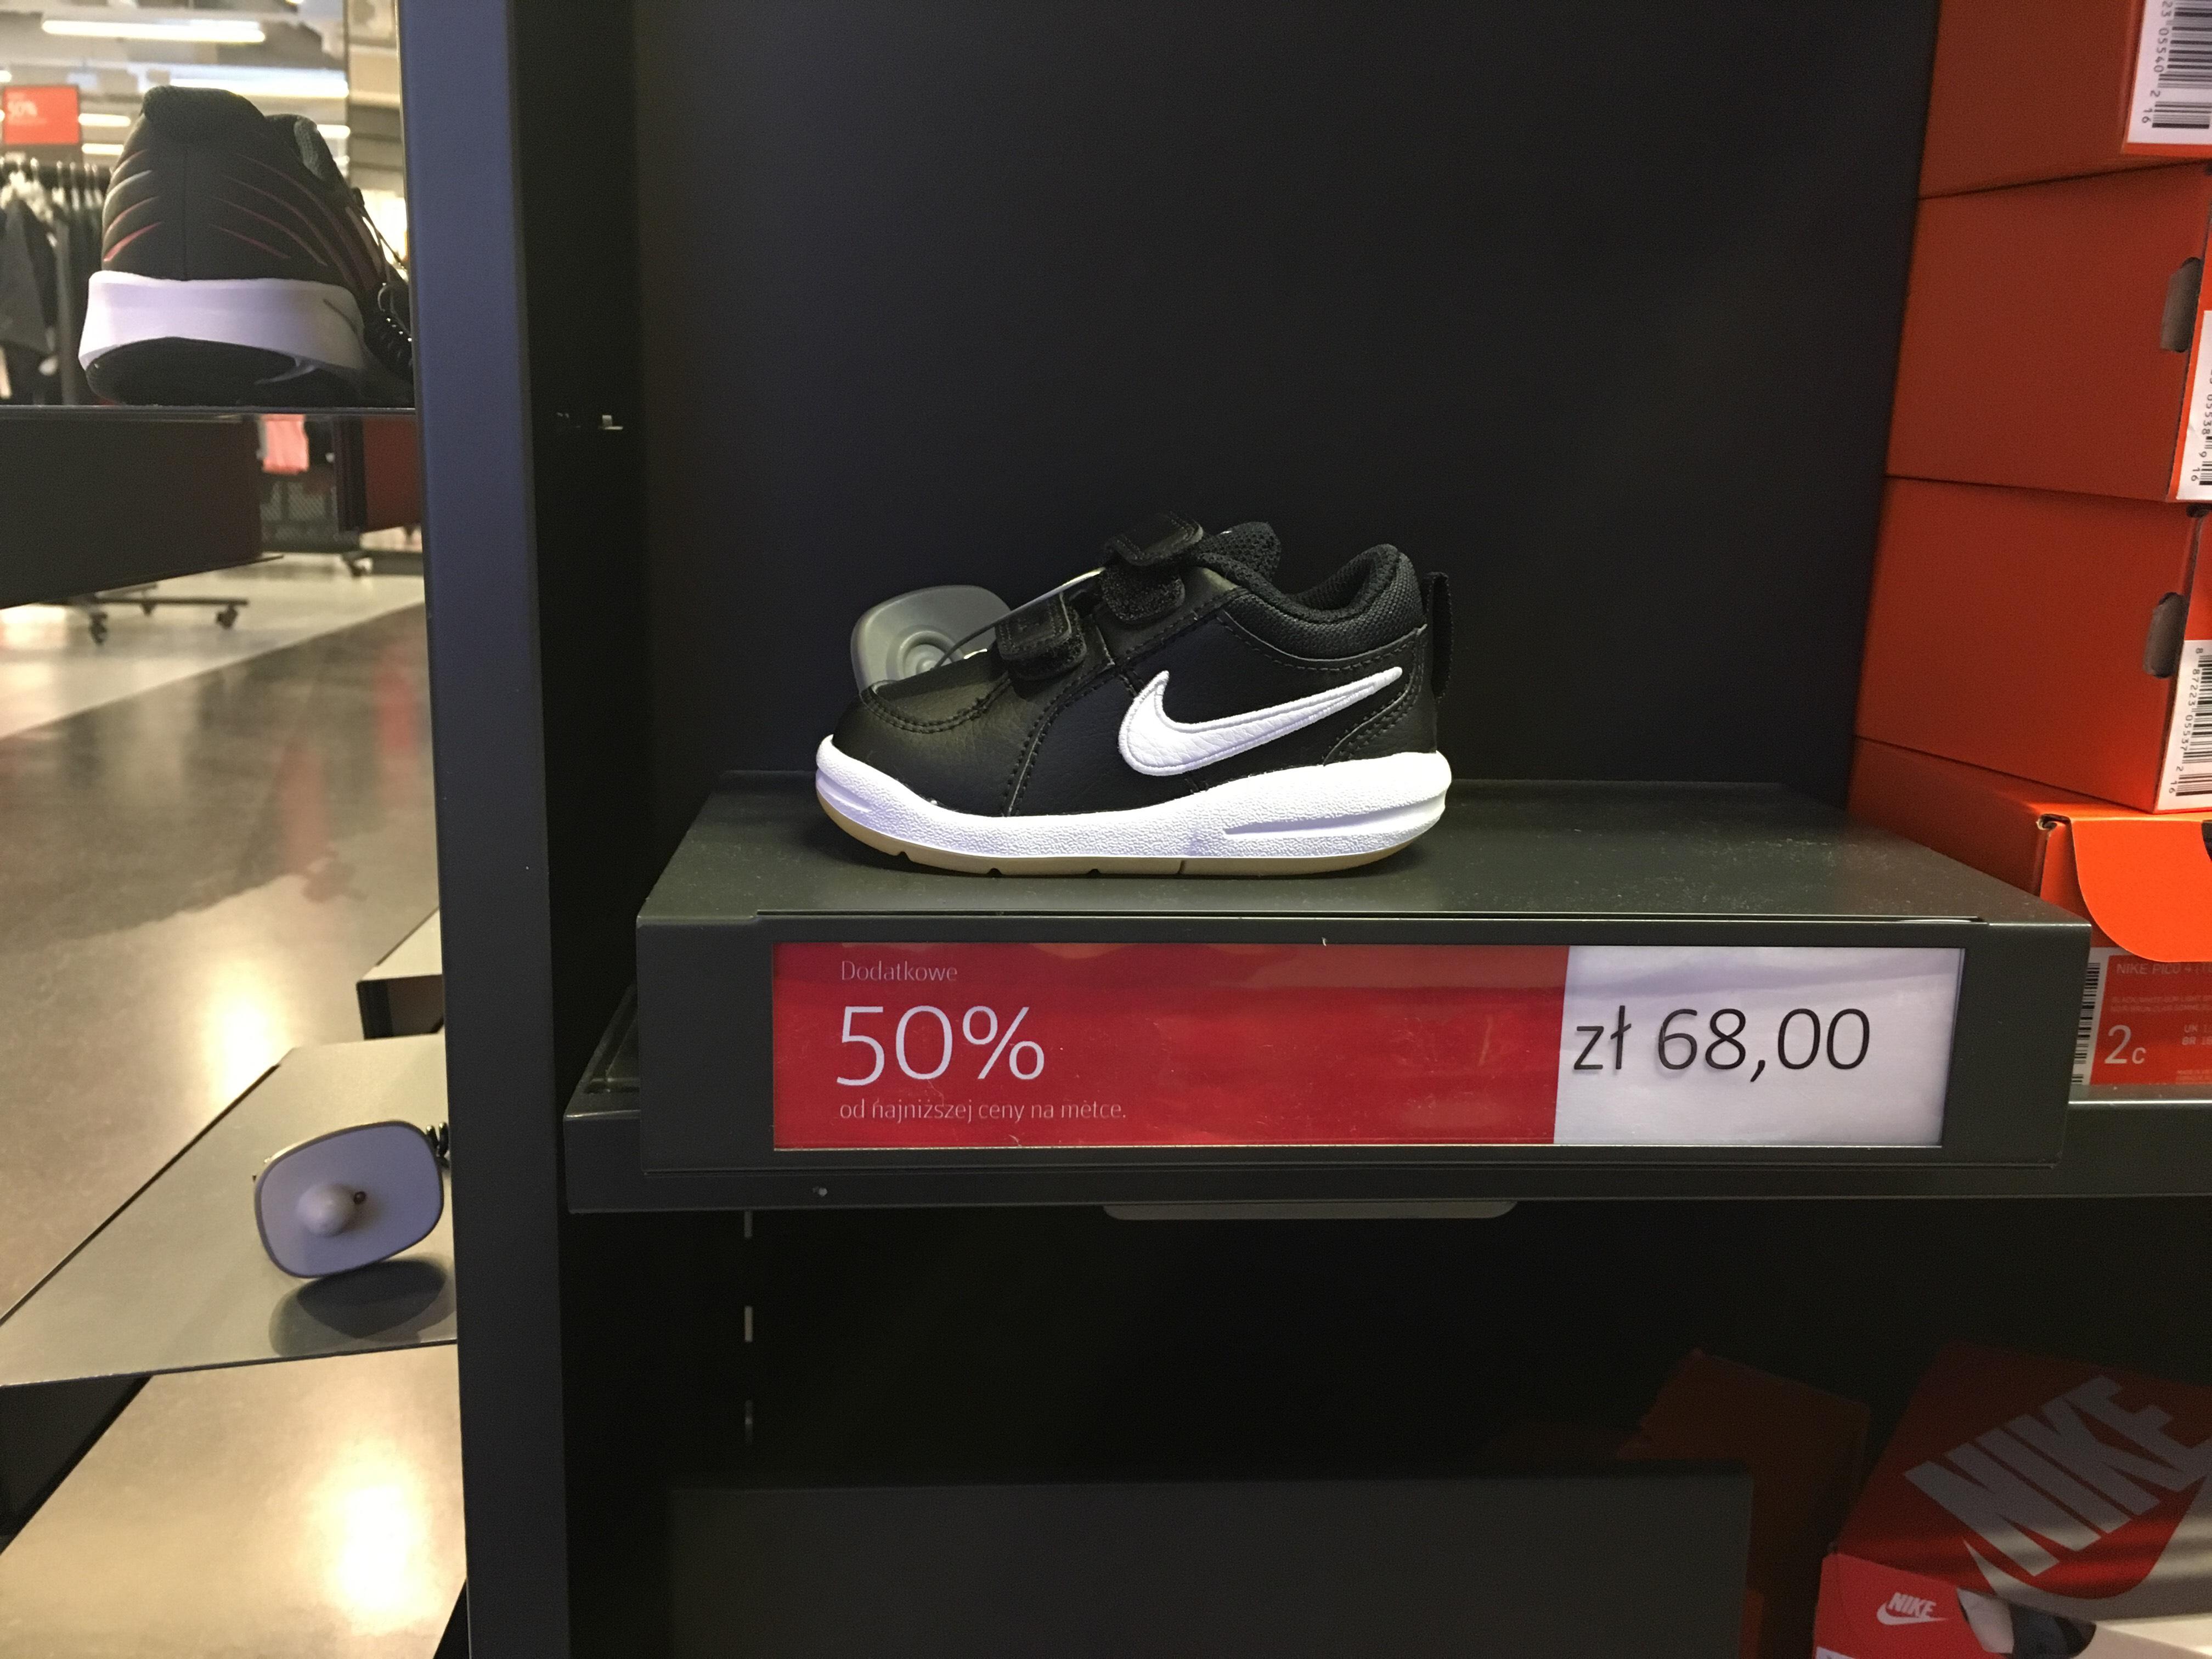 Buty dziecięce Nike factory Annopol -50% od ceny na metce